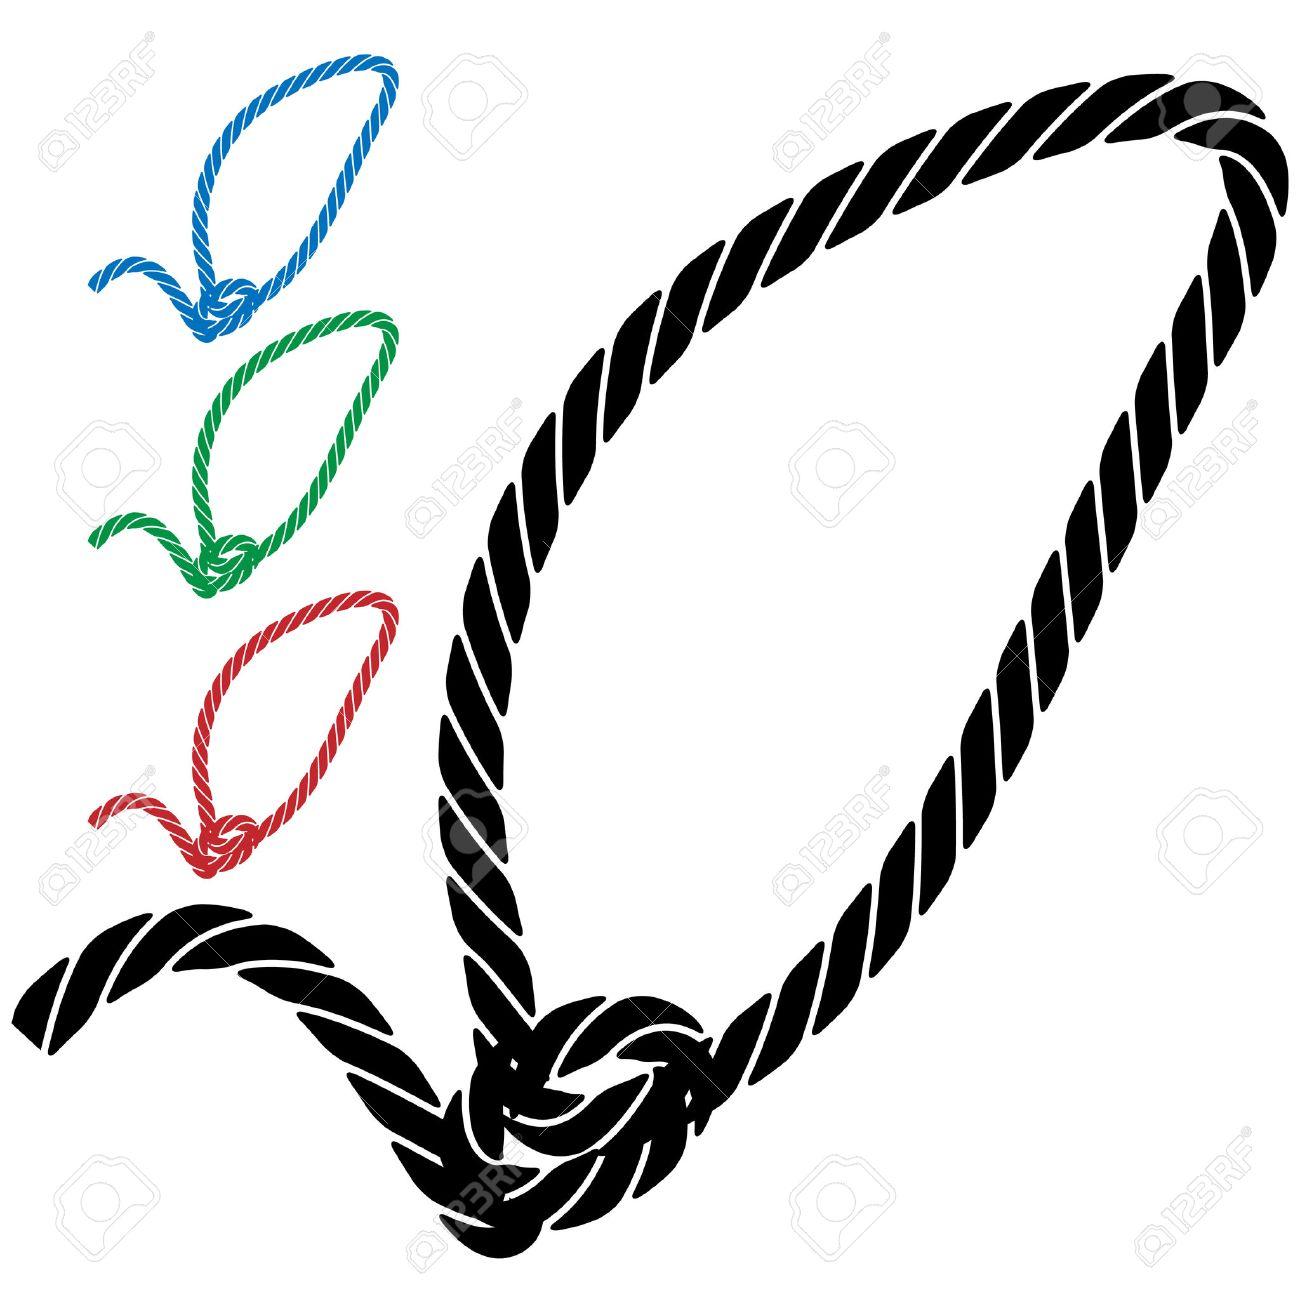 Lasso Clip Art lasso  lasso rope icon